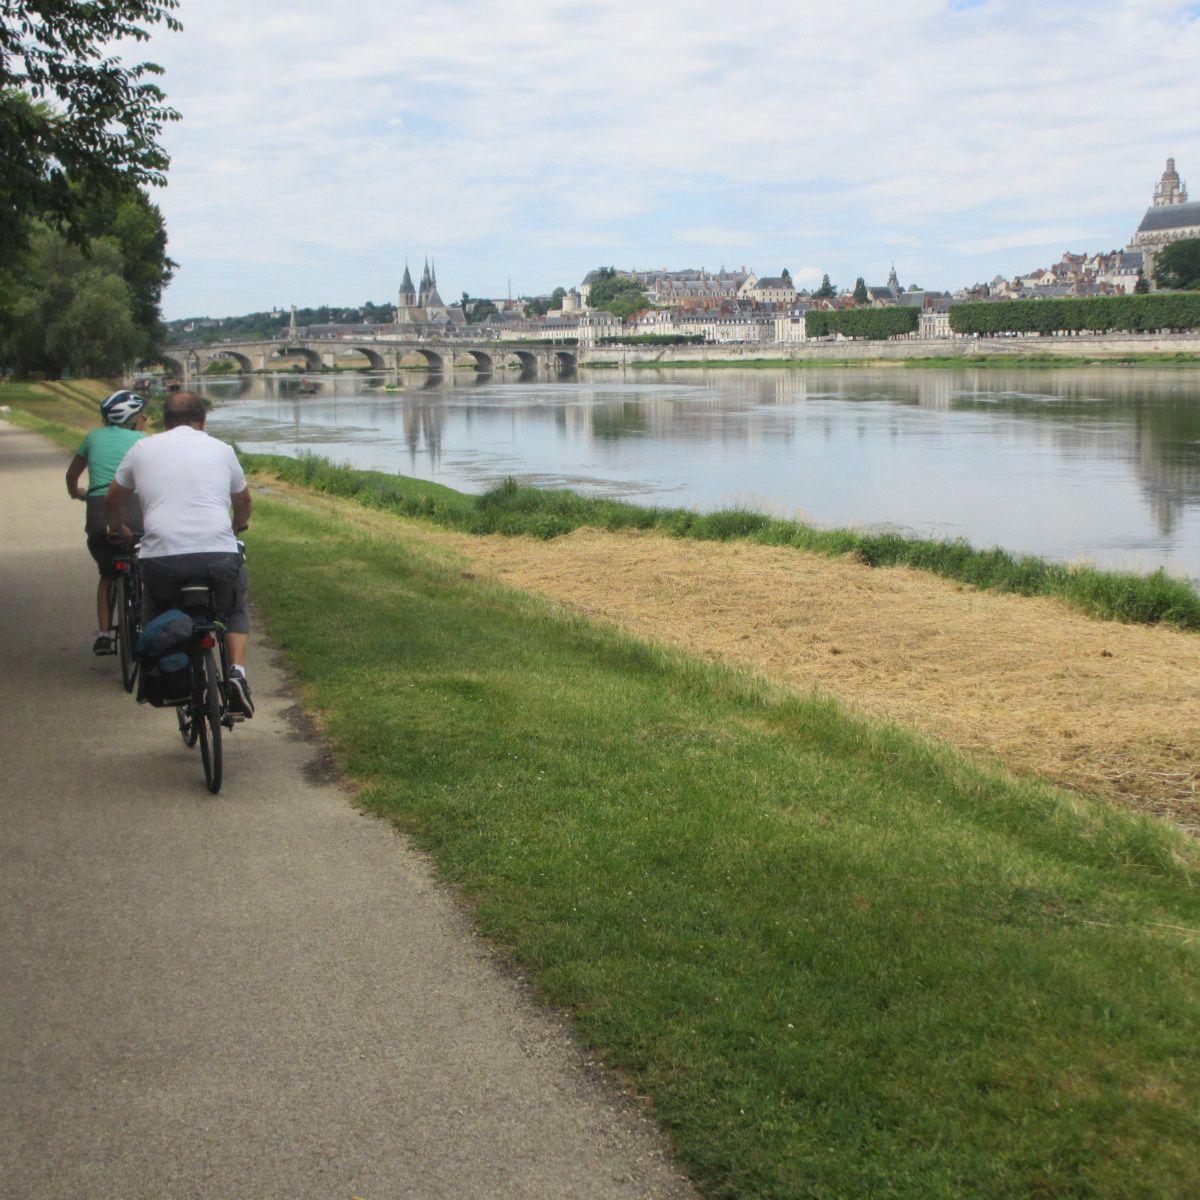 Le paradis des cyclistes en quelque sorte, au près près du fleuve royal...